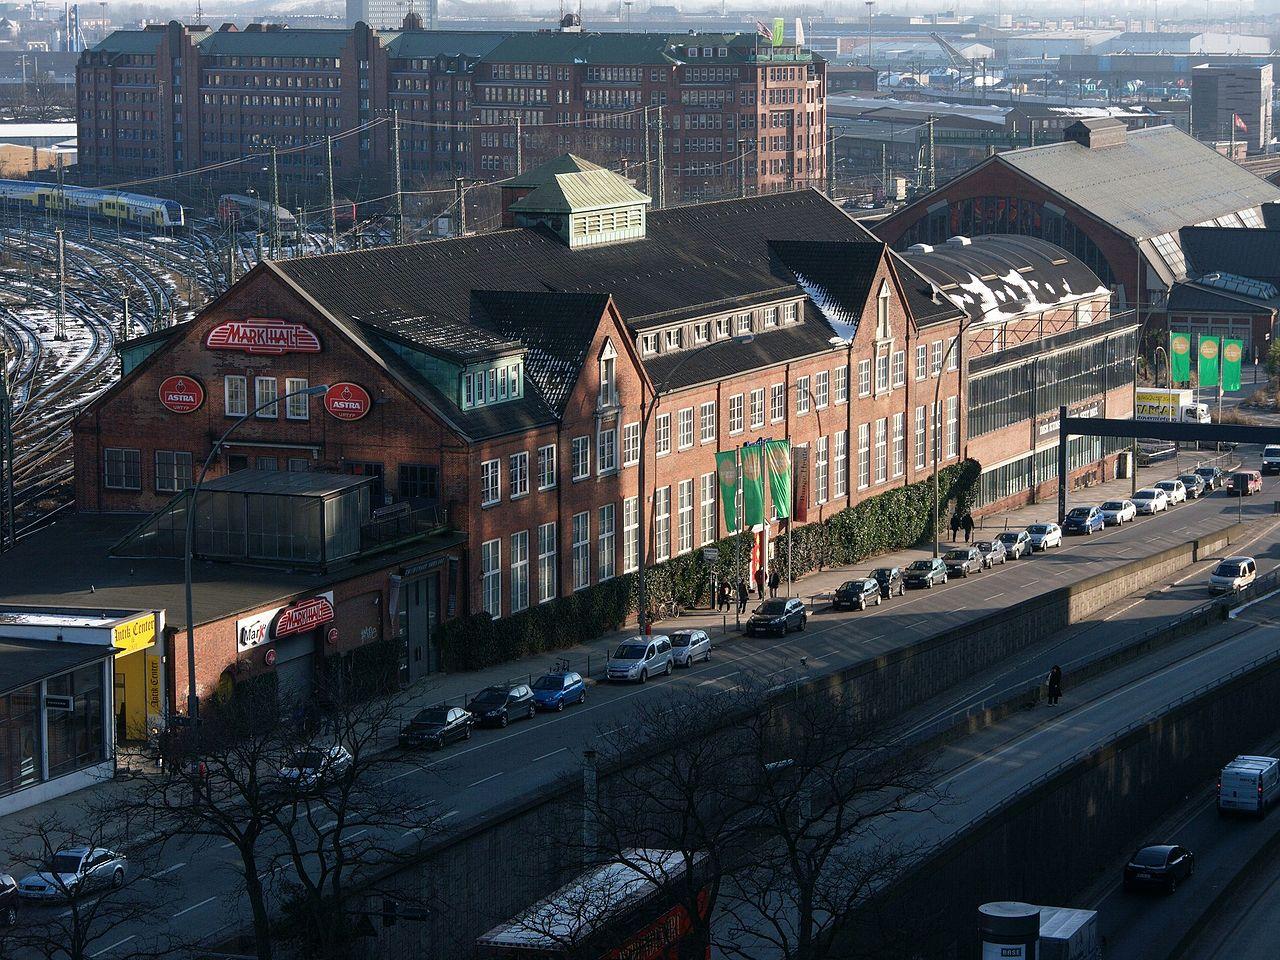 Markethalle, Hamburg